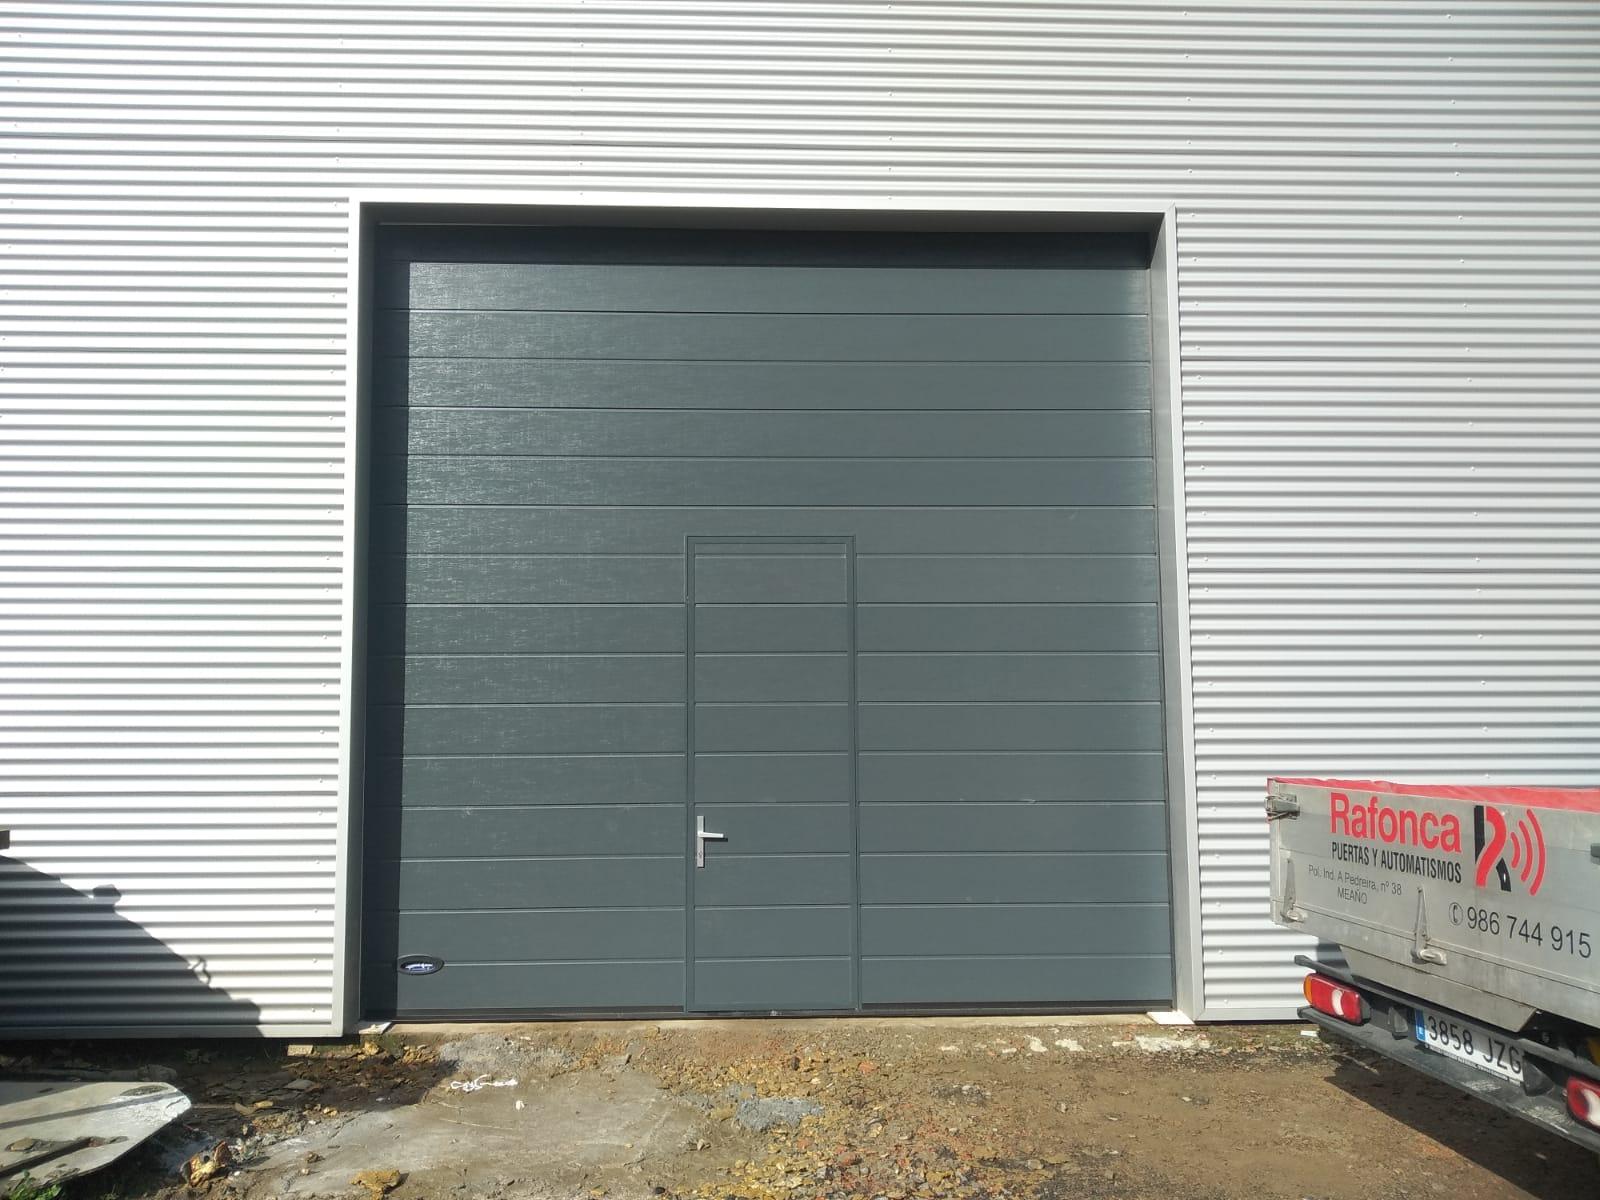 Puerta seccional industrial Novoferm ISD-2 Thermo 45 instalada en Padrón (A Coruña) 2